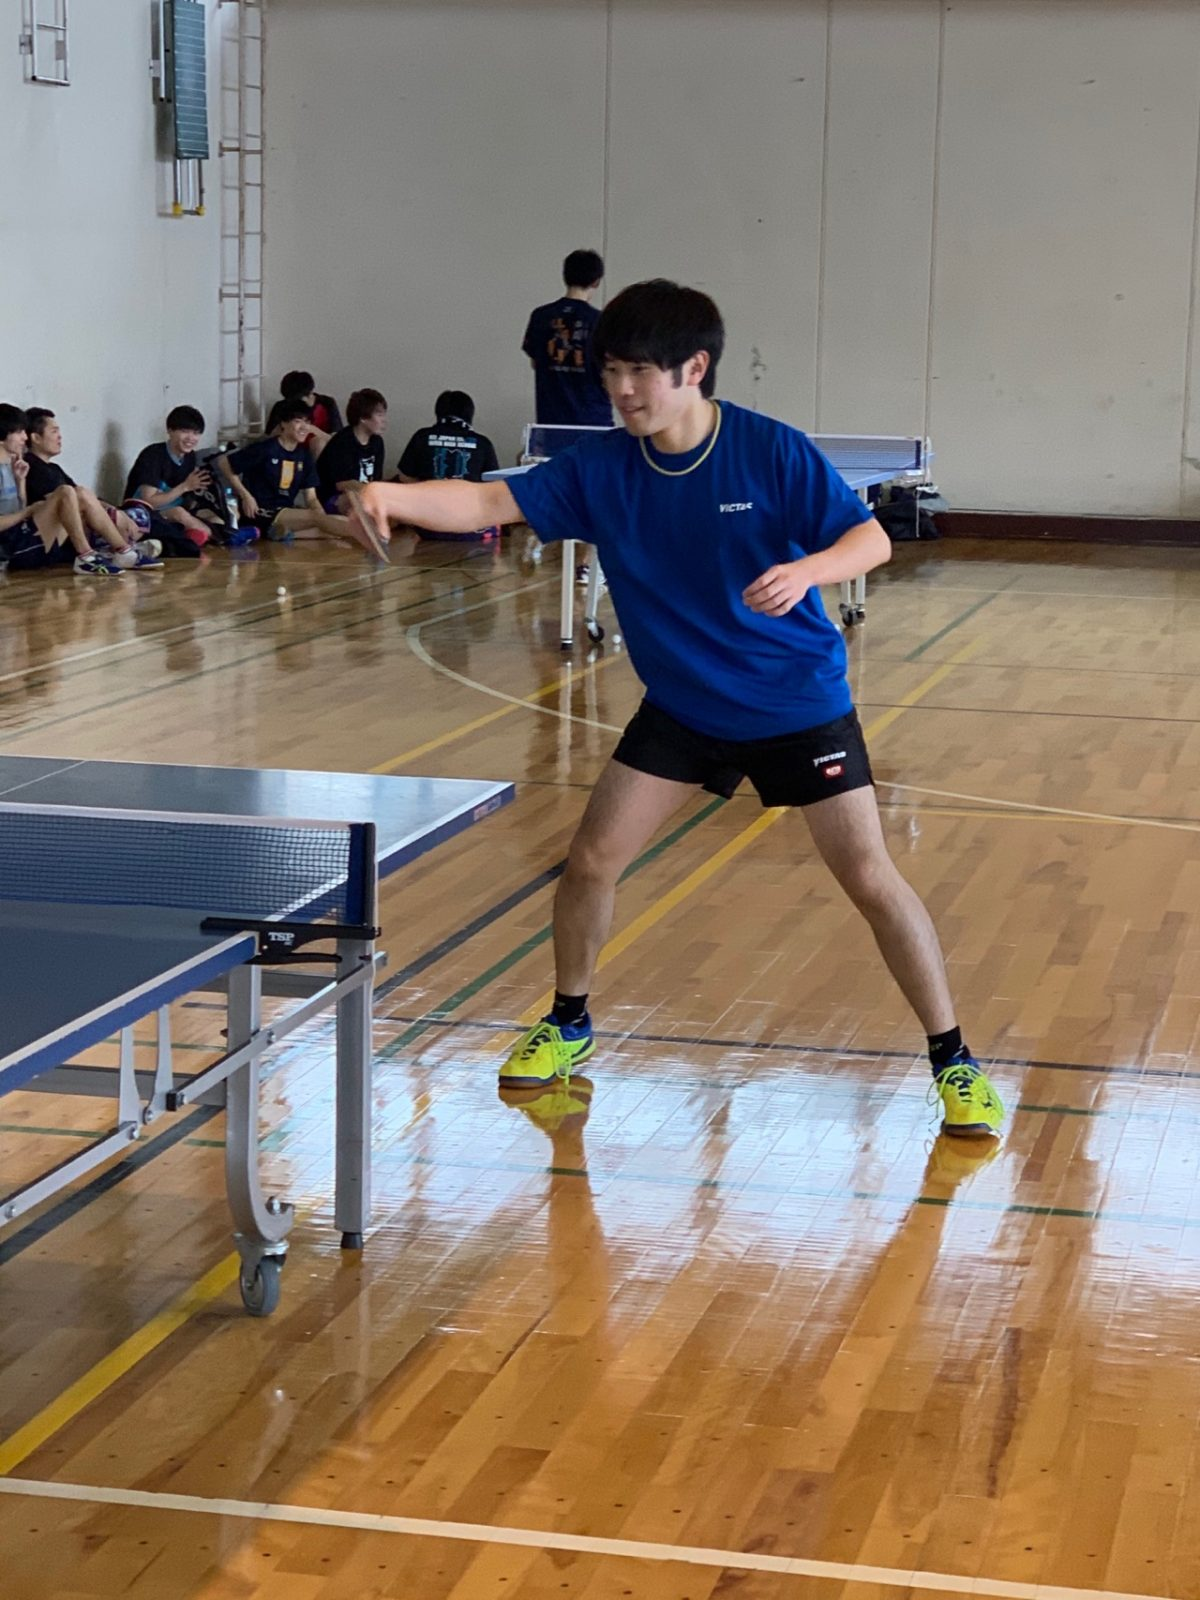 写真:コーチとして指導に当たる三和拓蒼氏/提供:札幌大学